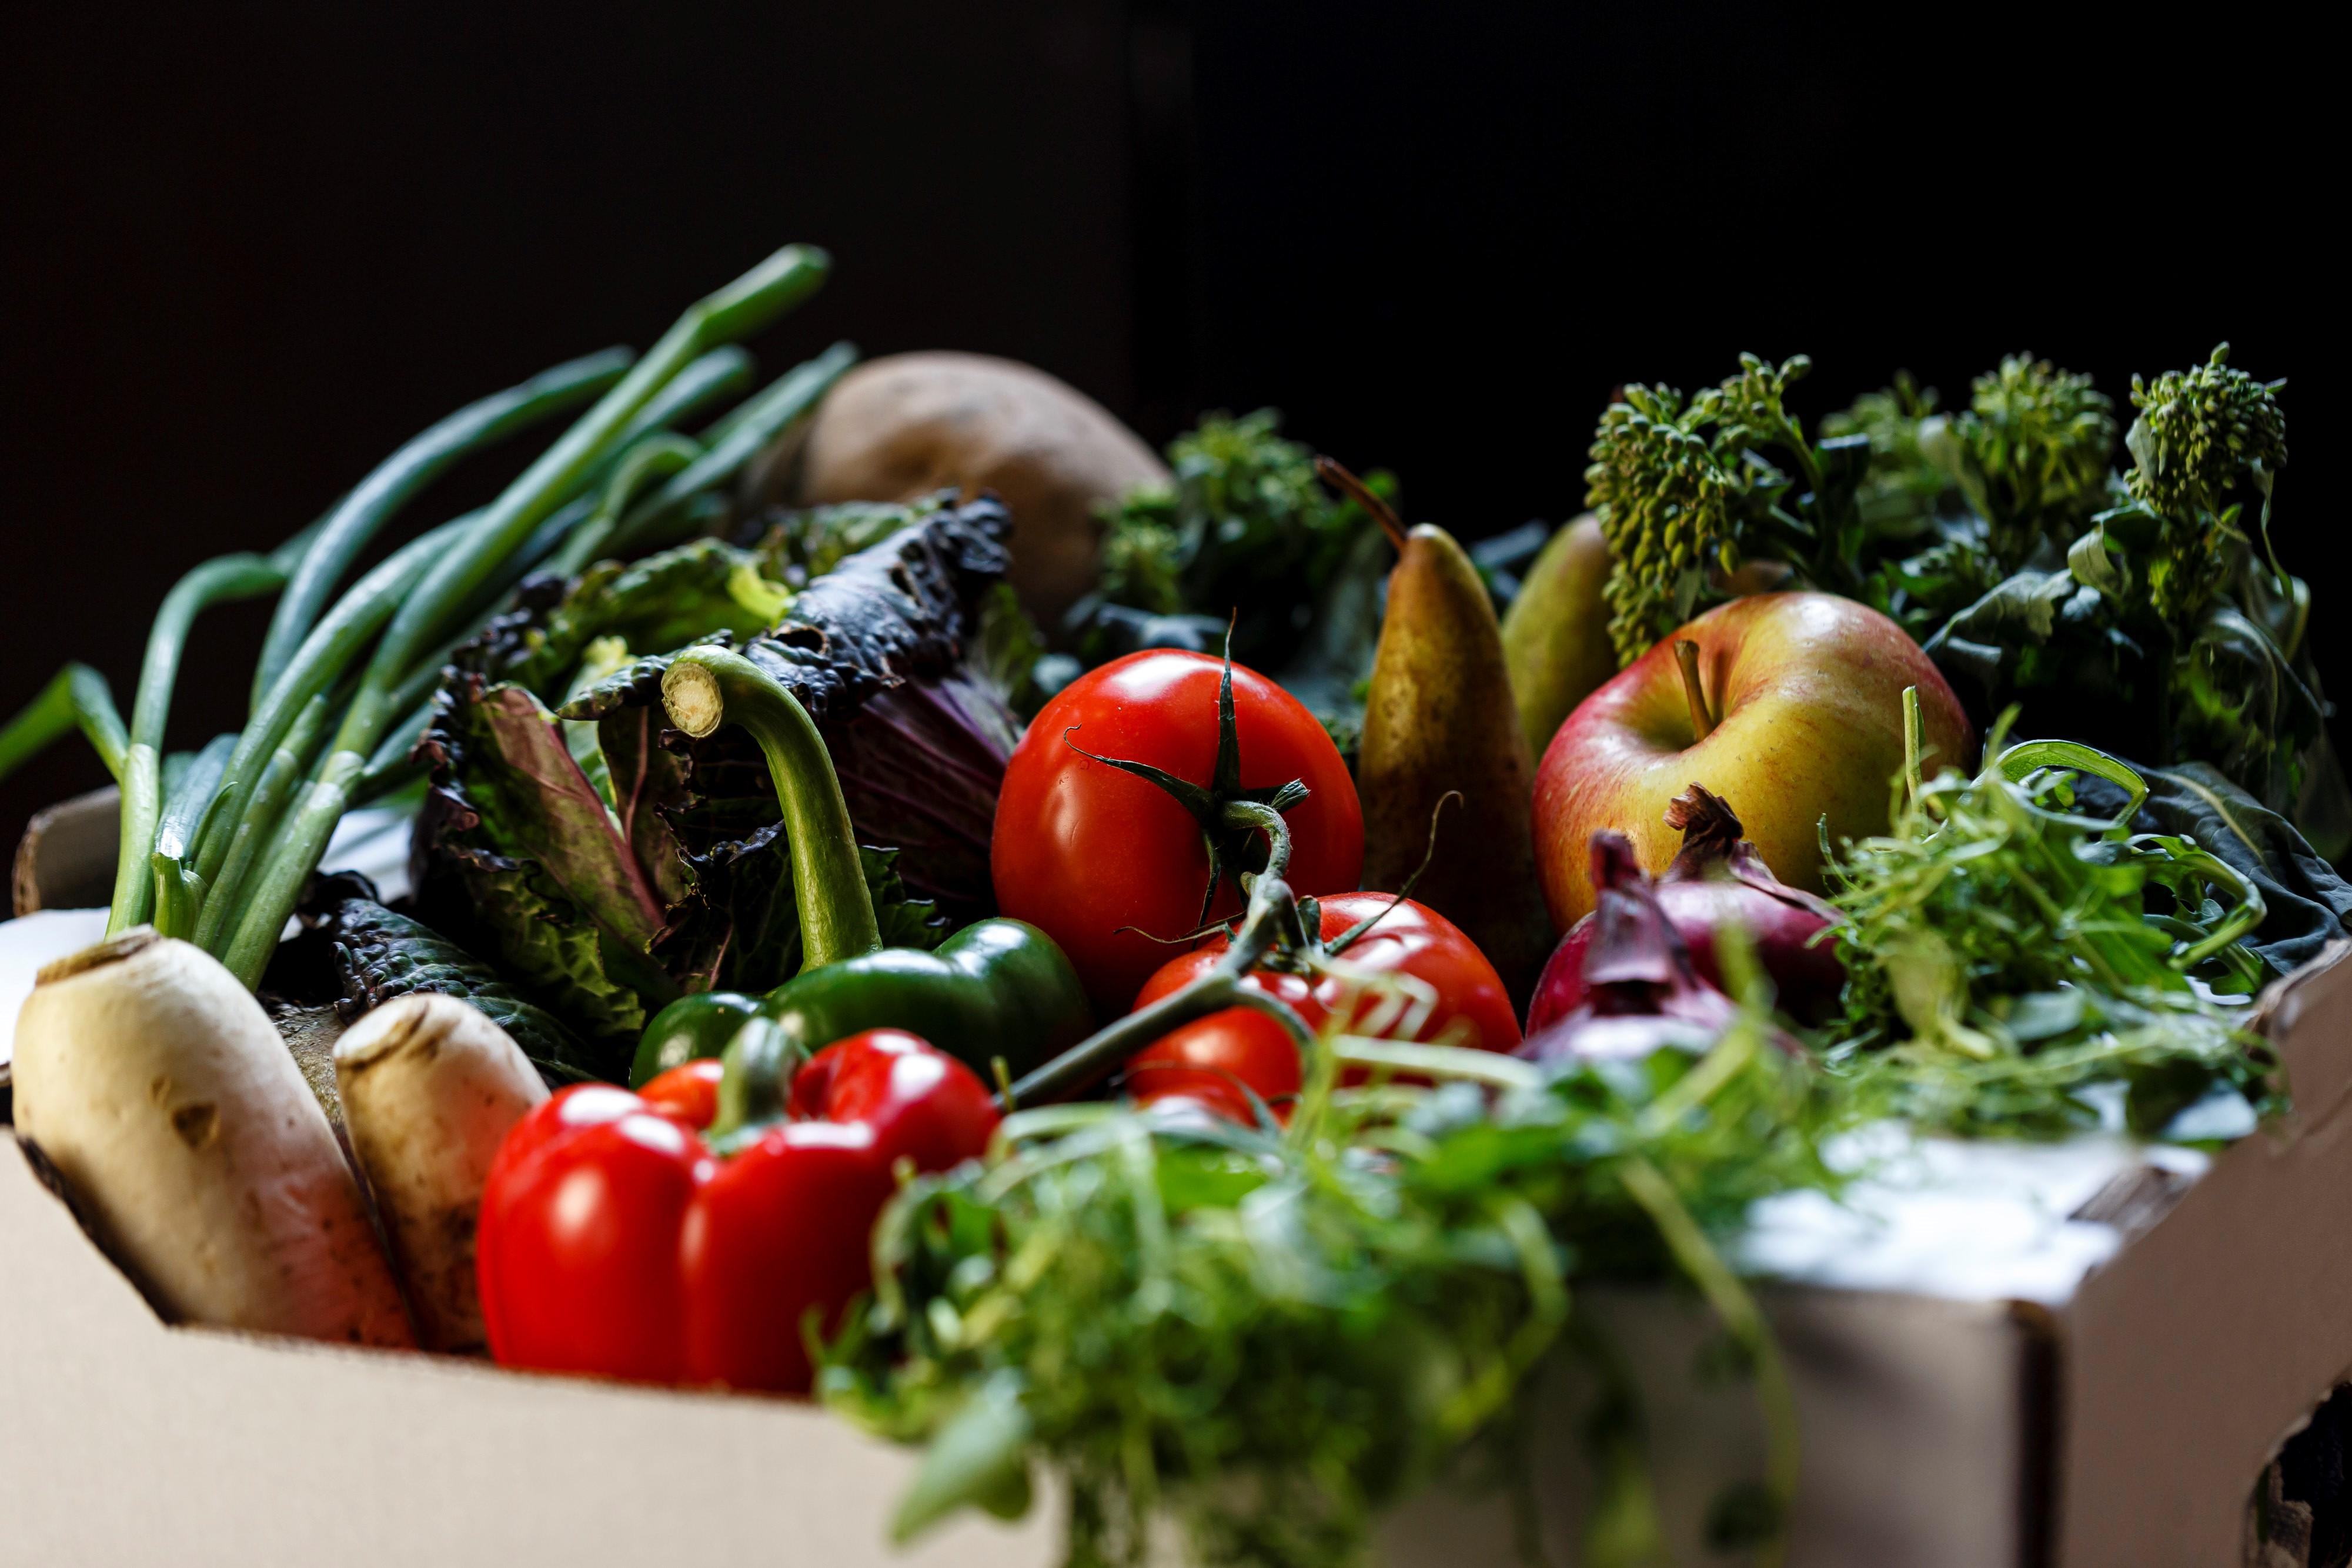 alternatives-eggs-morning-breakfast-fruit-vegetables-smoothie